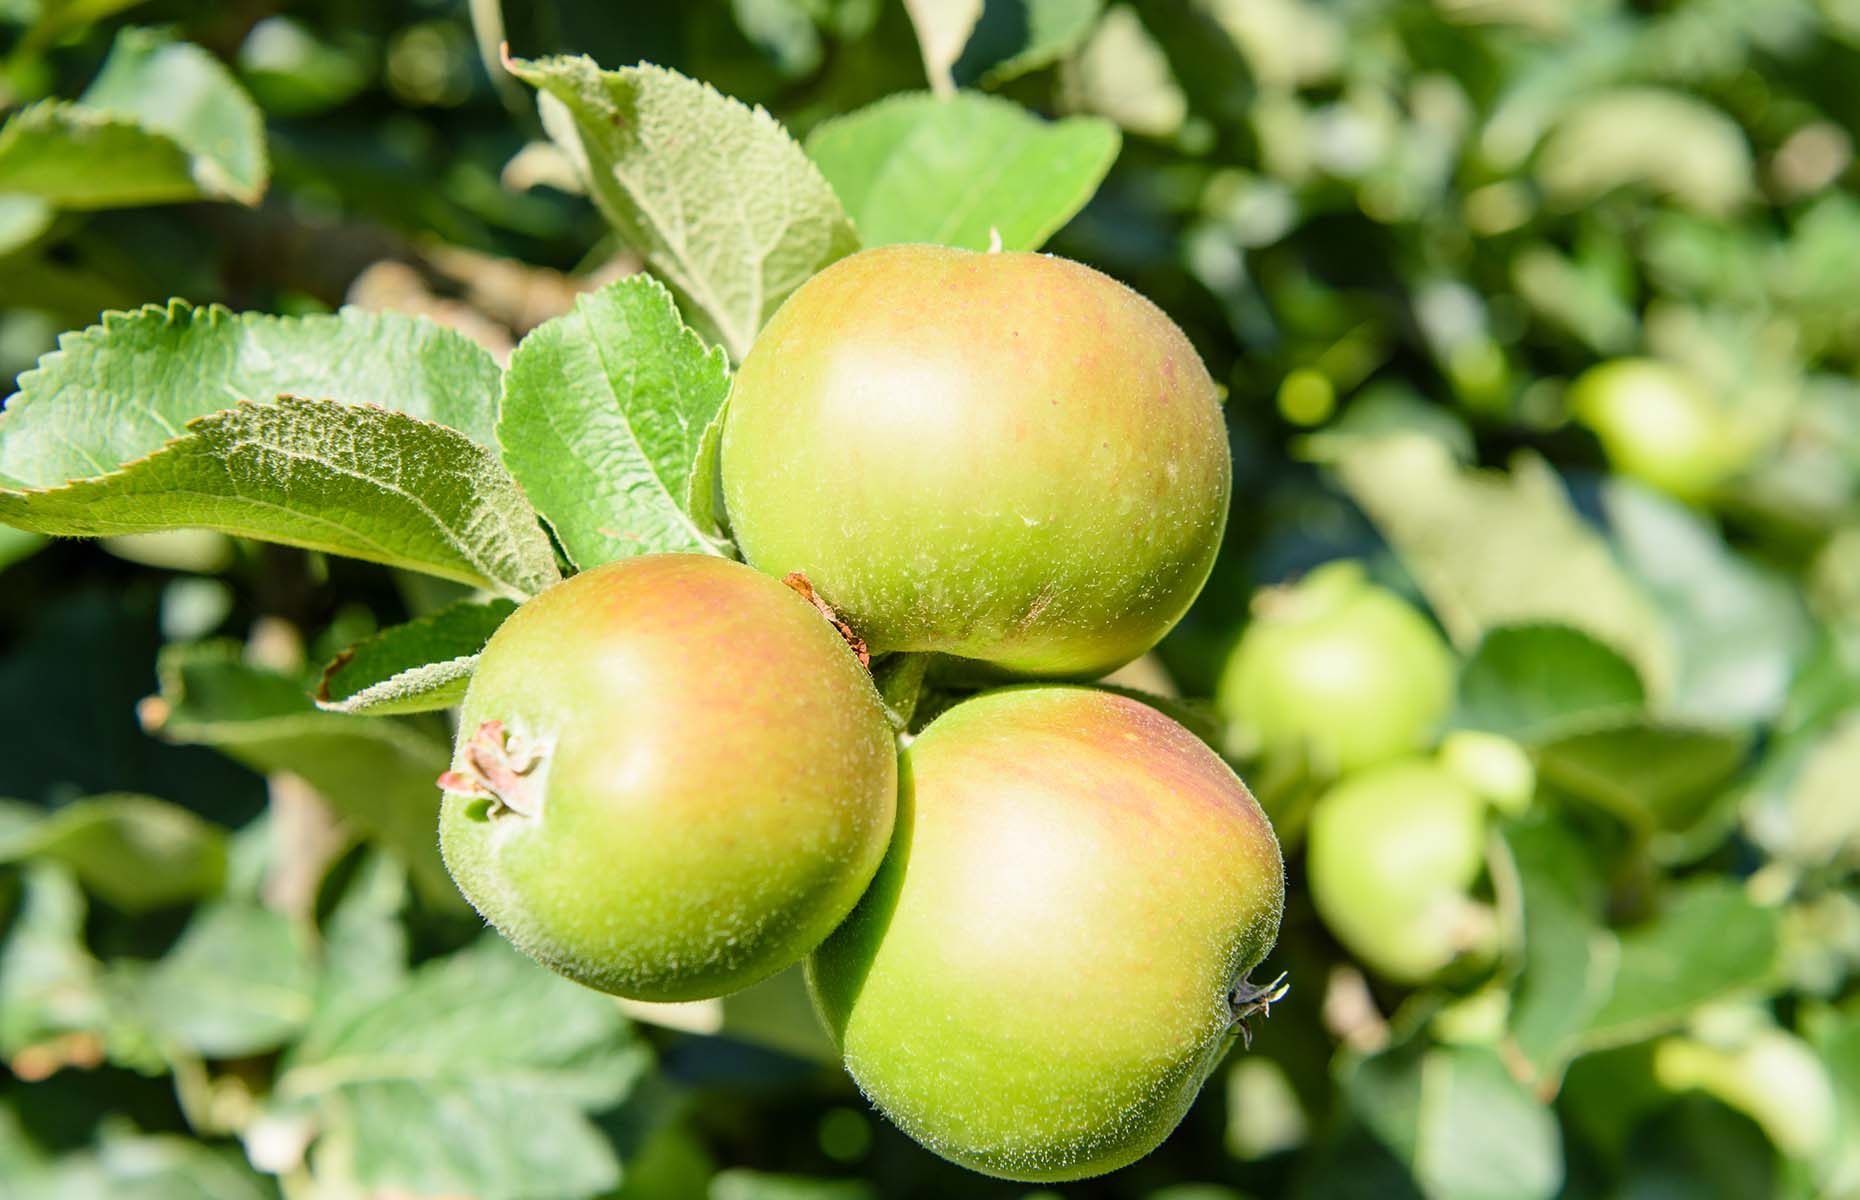 Bramley apples (Image: Stephen Barnes/Shutterstock)